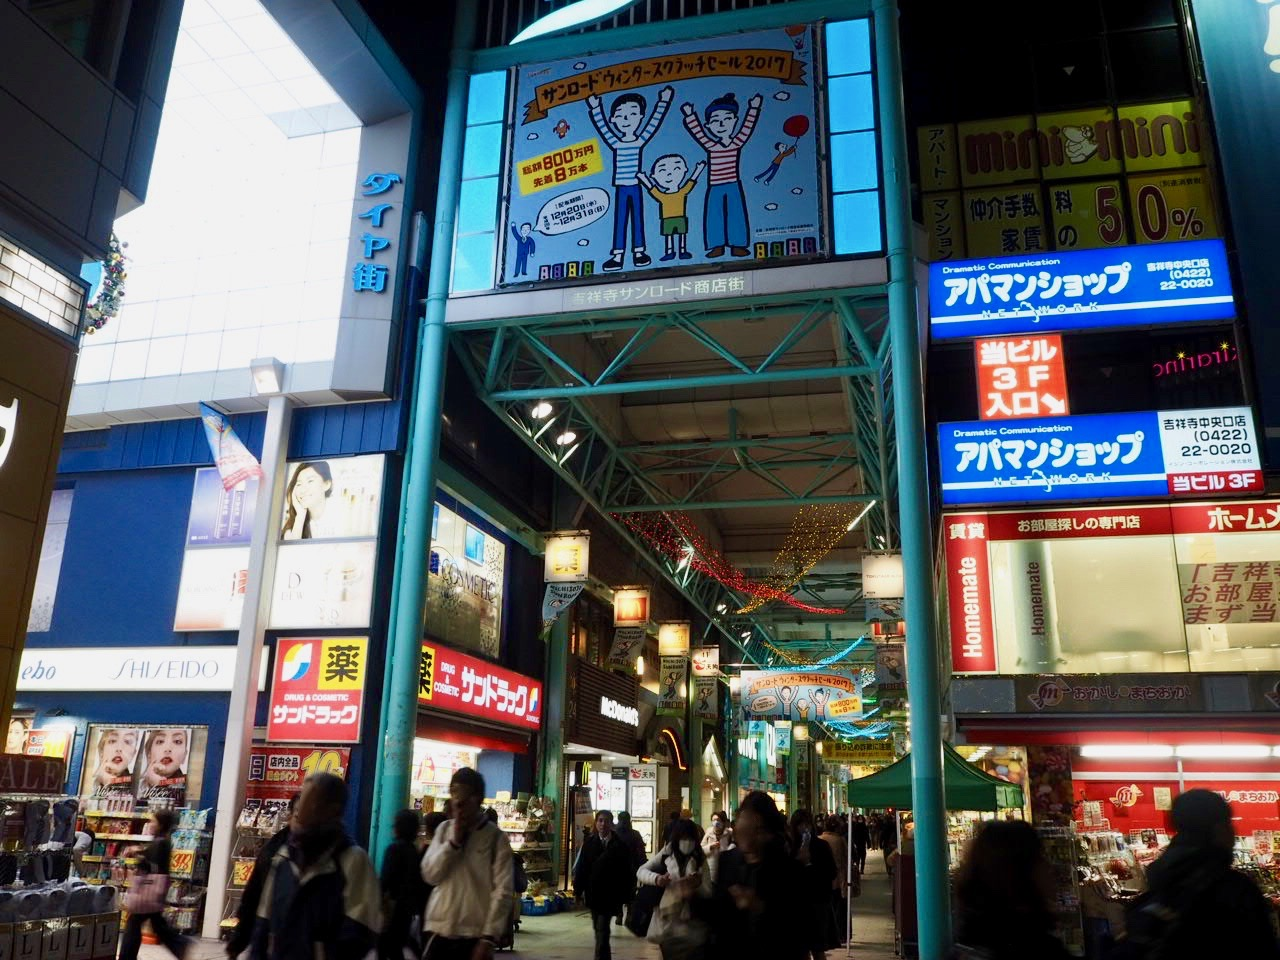 吉祥寺の入り口サンロード商店街